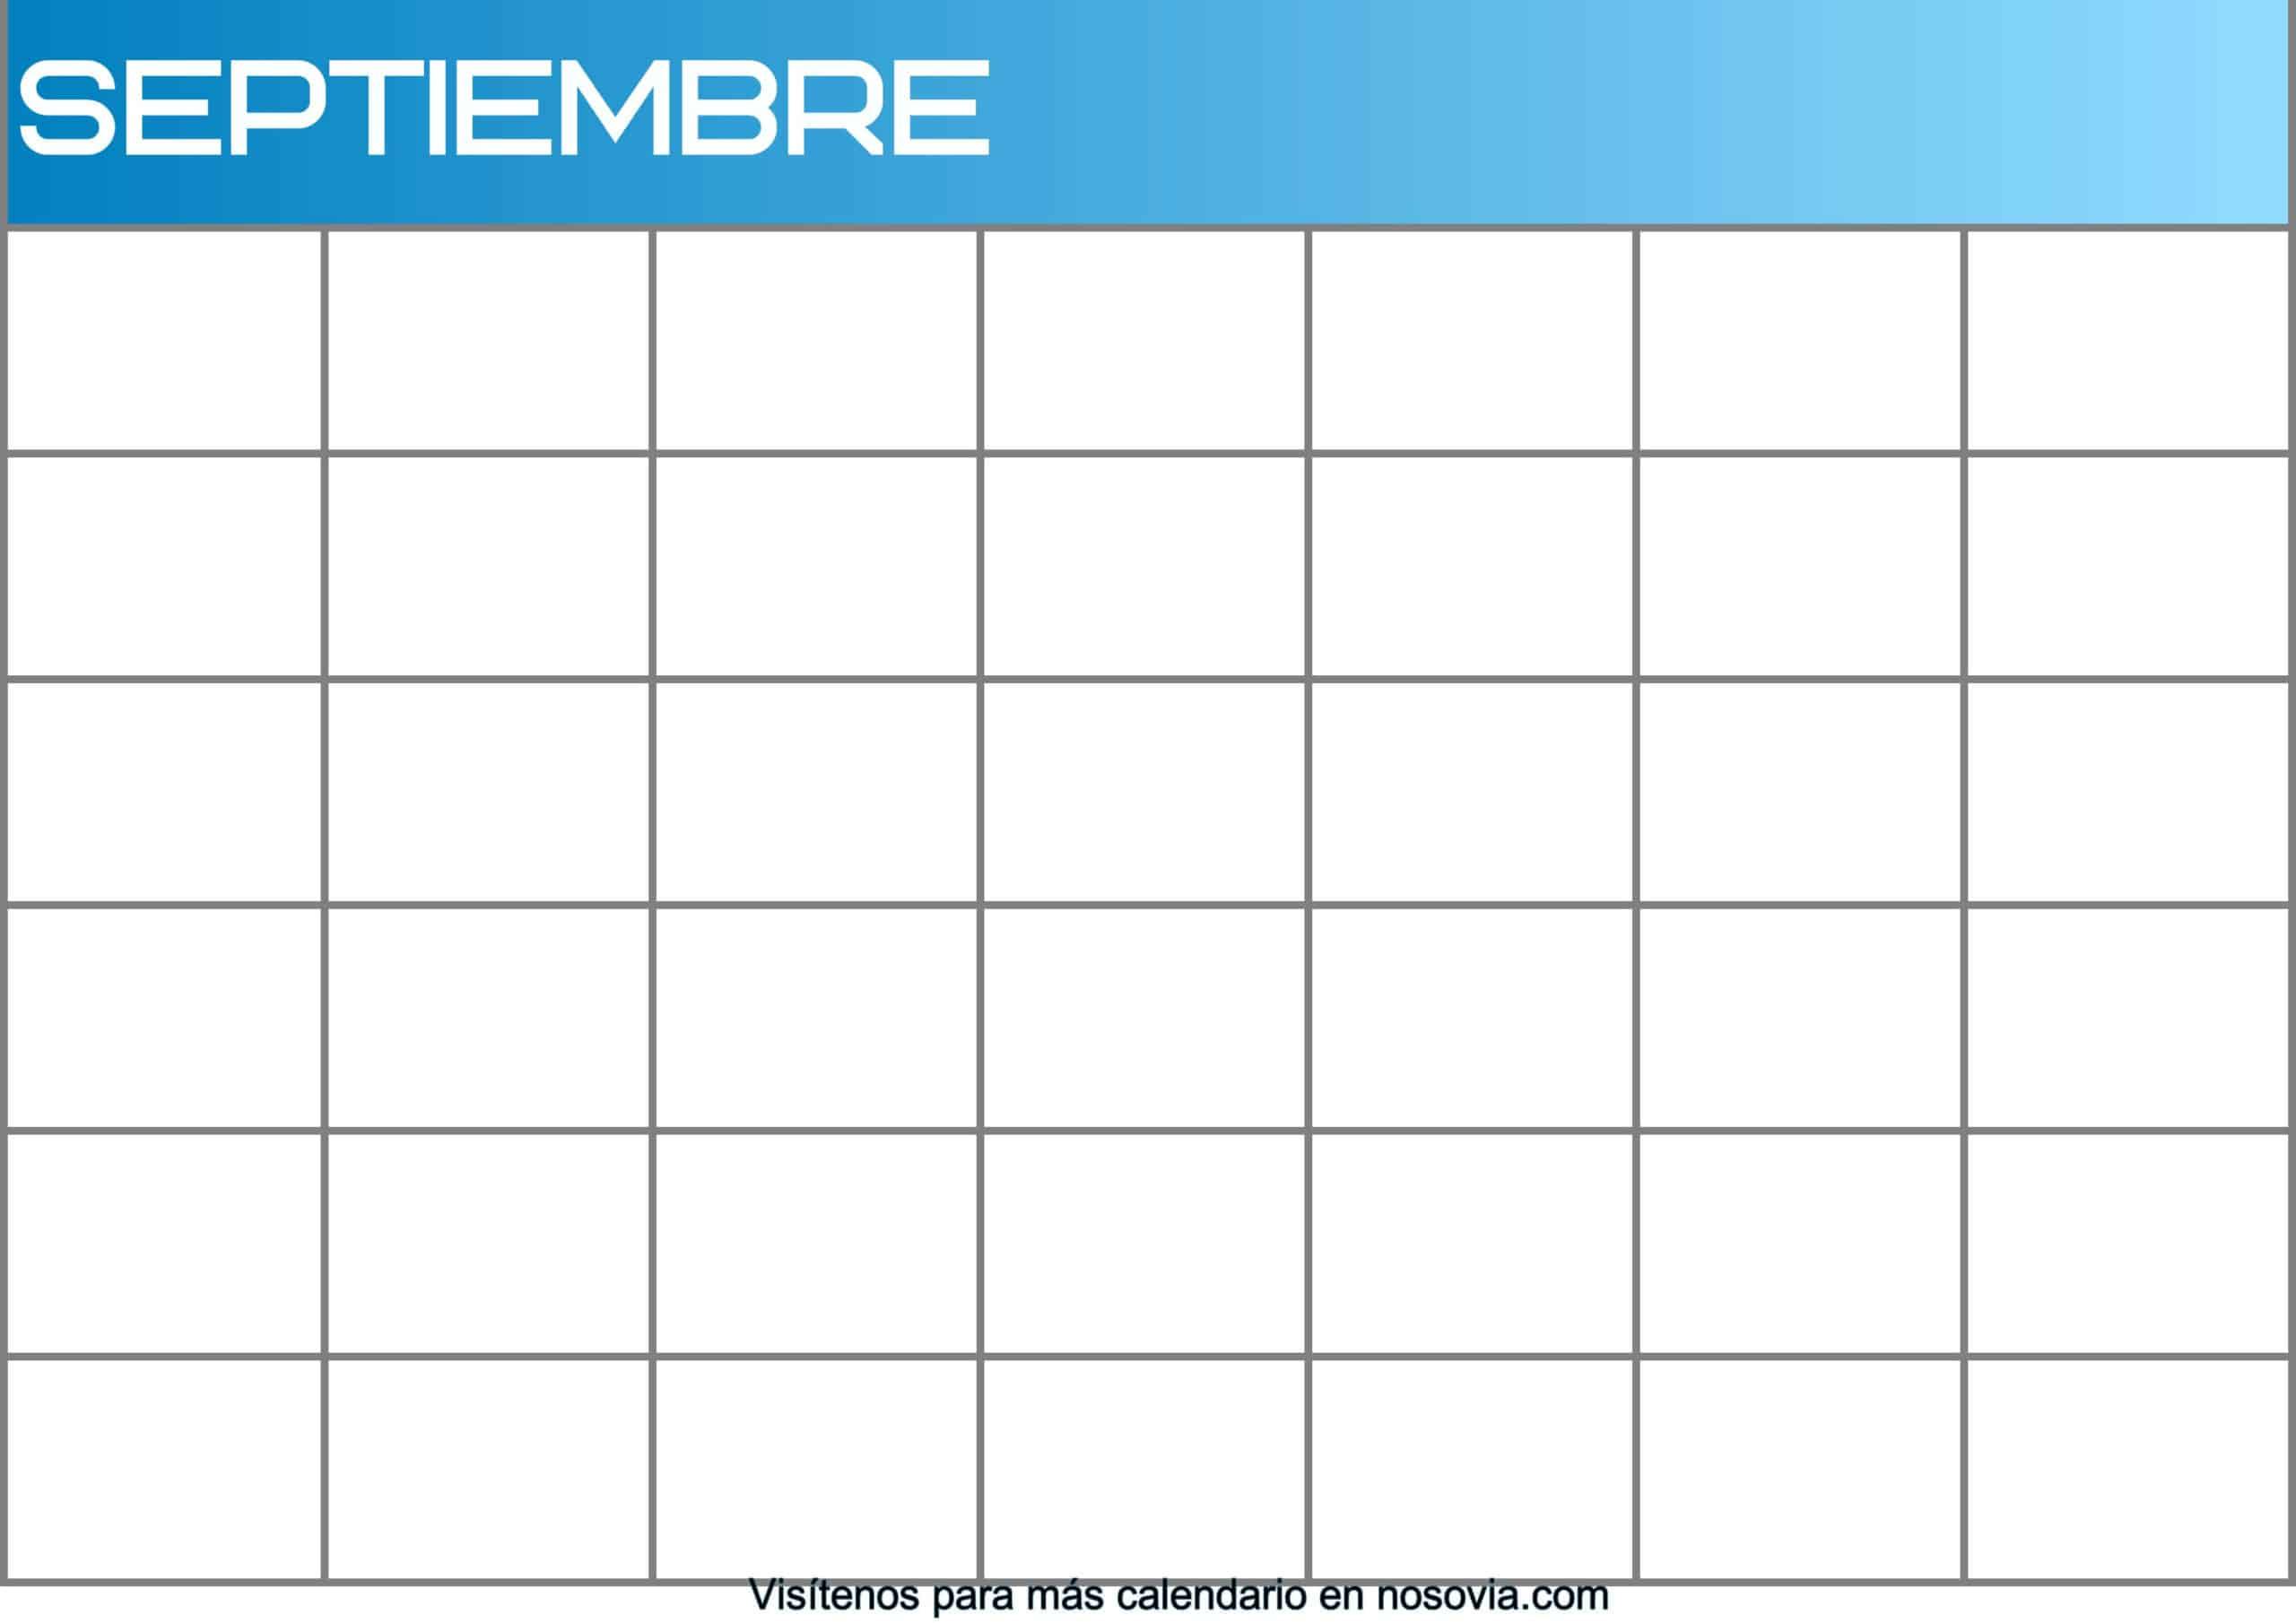 Calendario-septiembre-2020-en-blanco-Imágenes-gratis